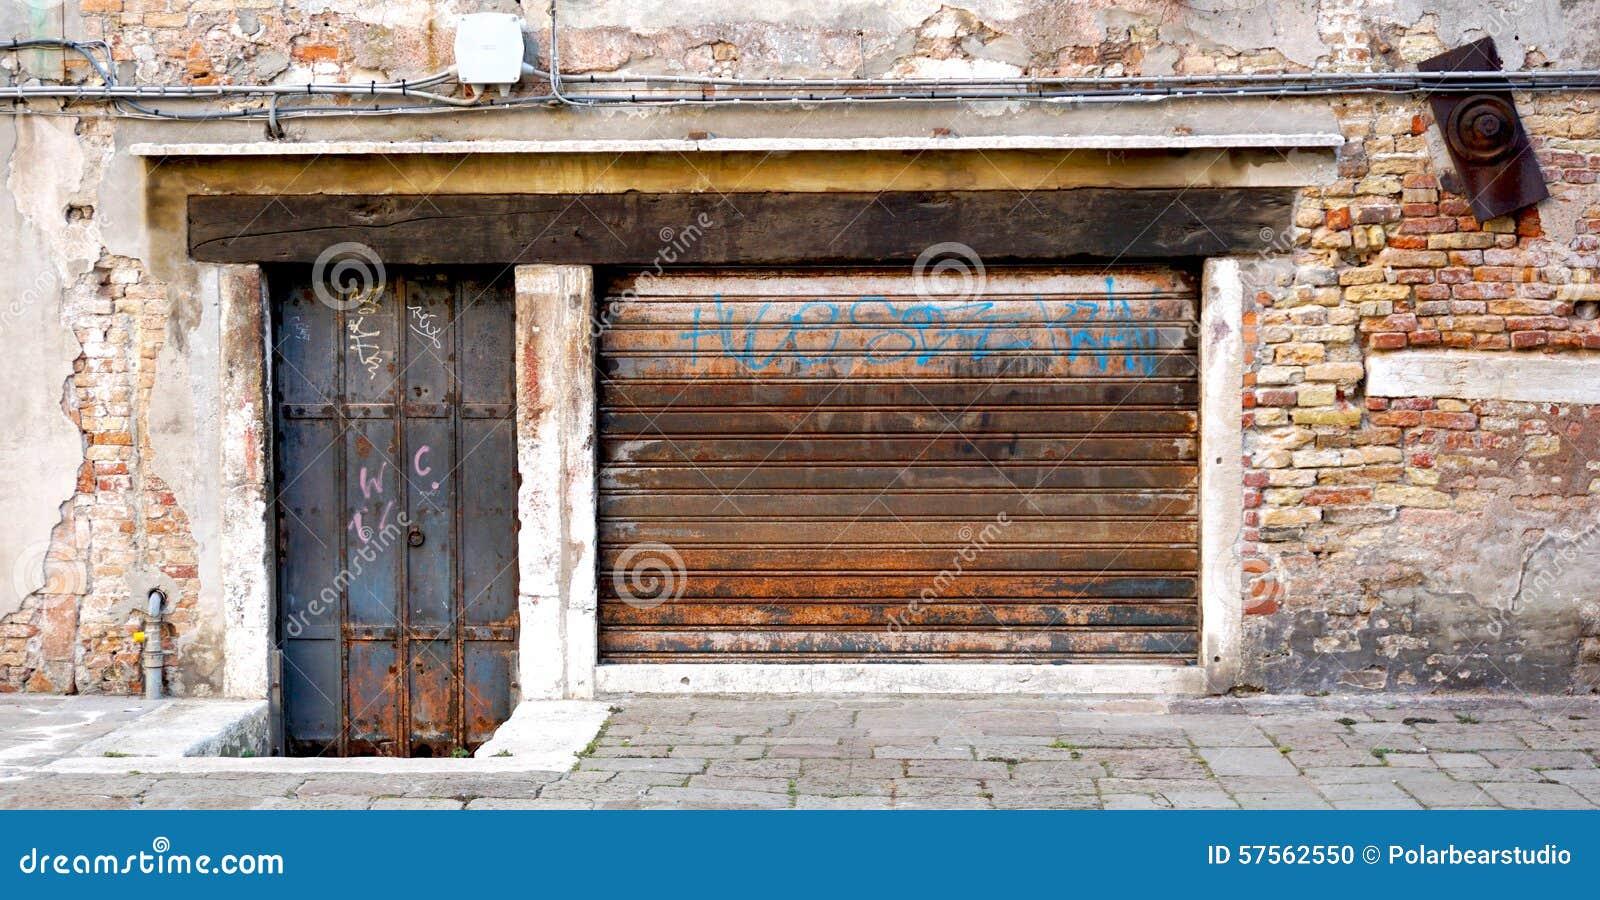 Porte rustiche fai da te luhanno visto persone porte - Porte esterne rustiche ...